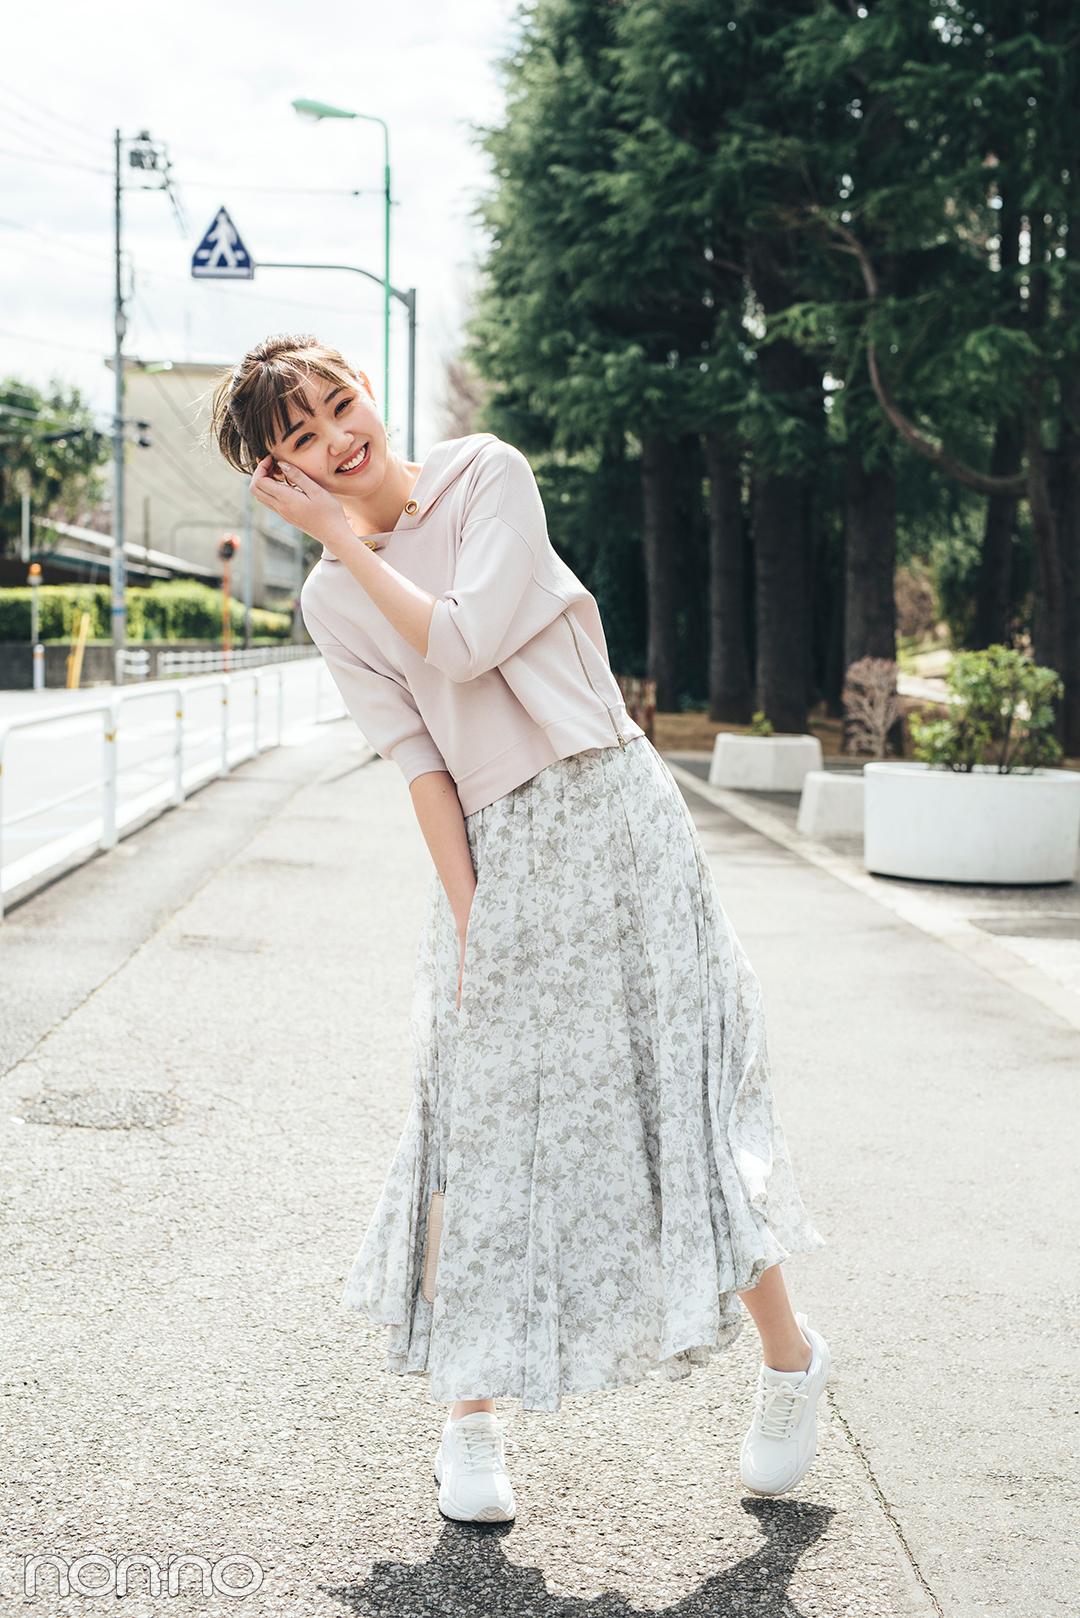 CASE4 「一緒にいて楽しそう!」と  思われたいなら  江野澤愛美